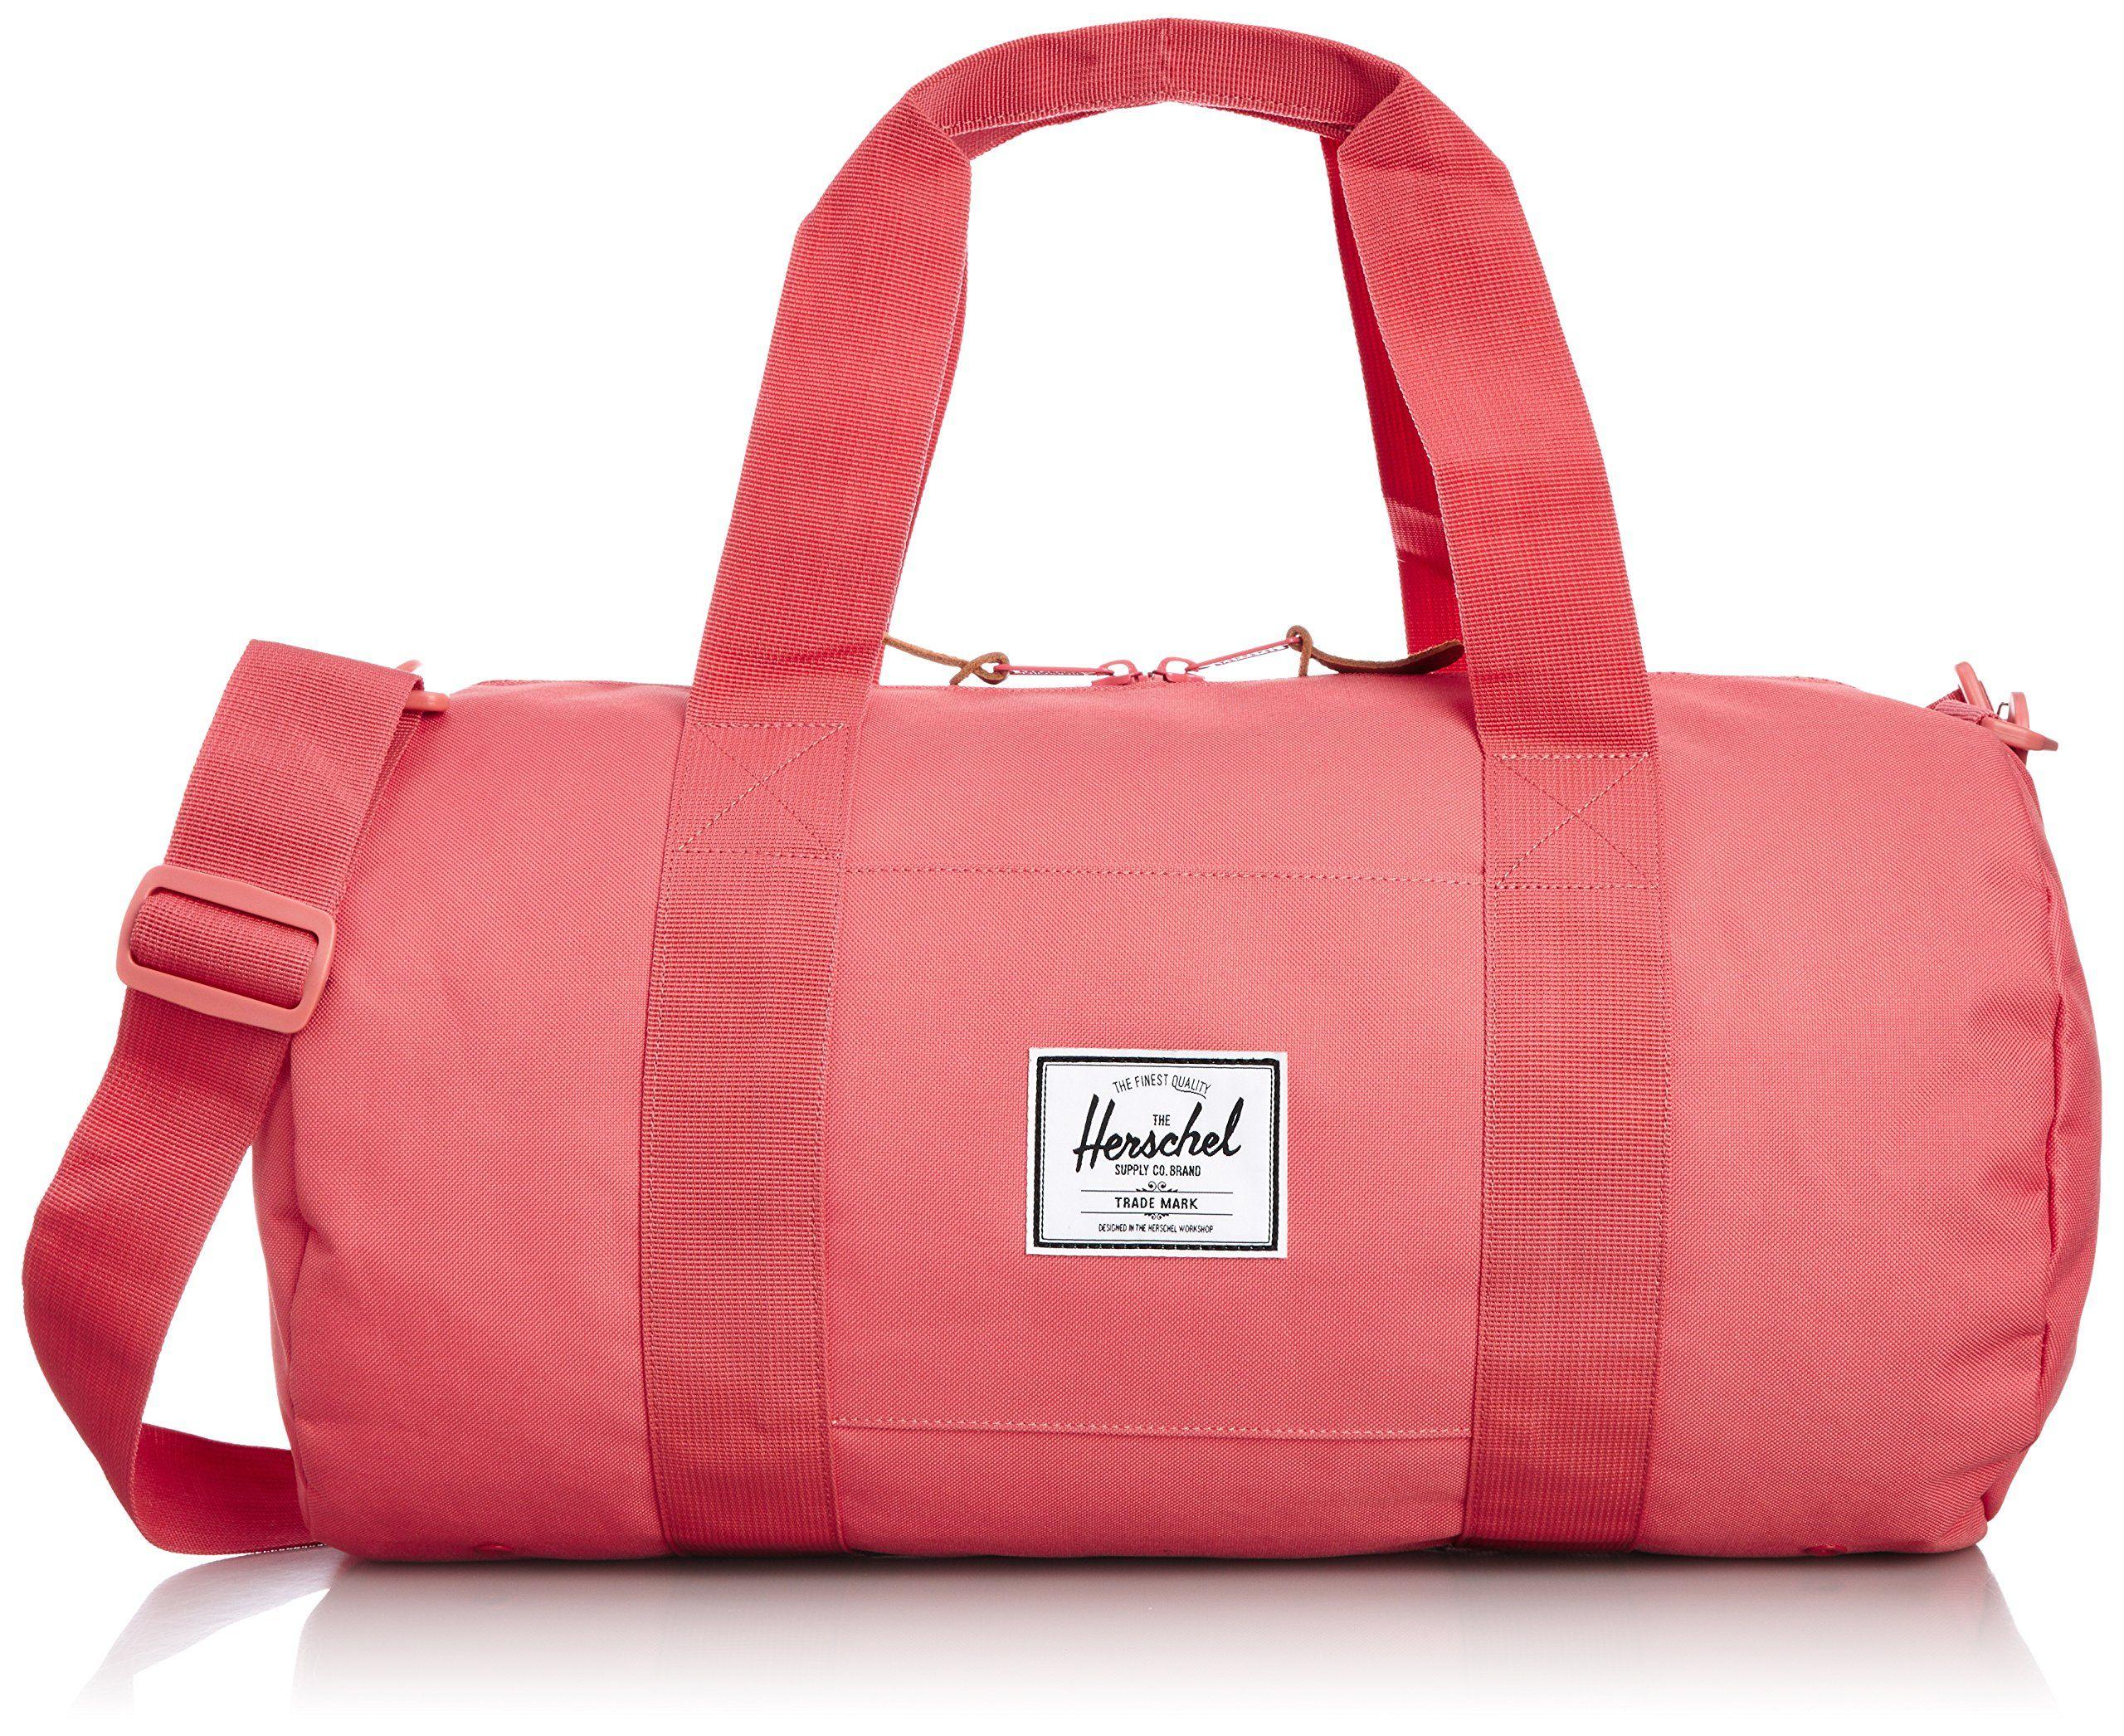 Herschel Supply Co. Sutton Mid-Volume Duffel Bag 0e33bb7e5de1e